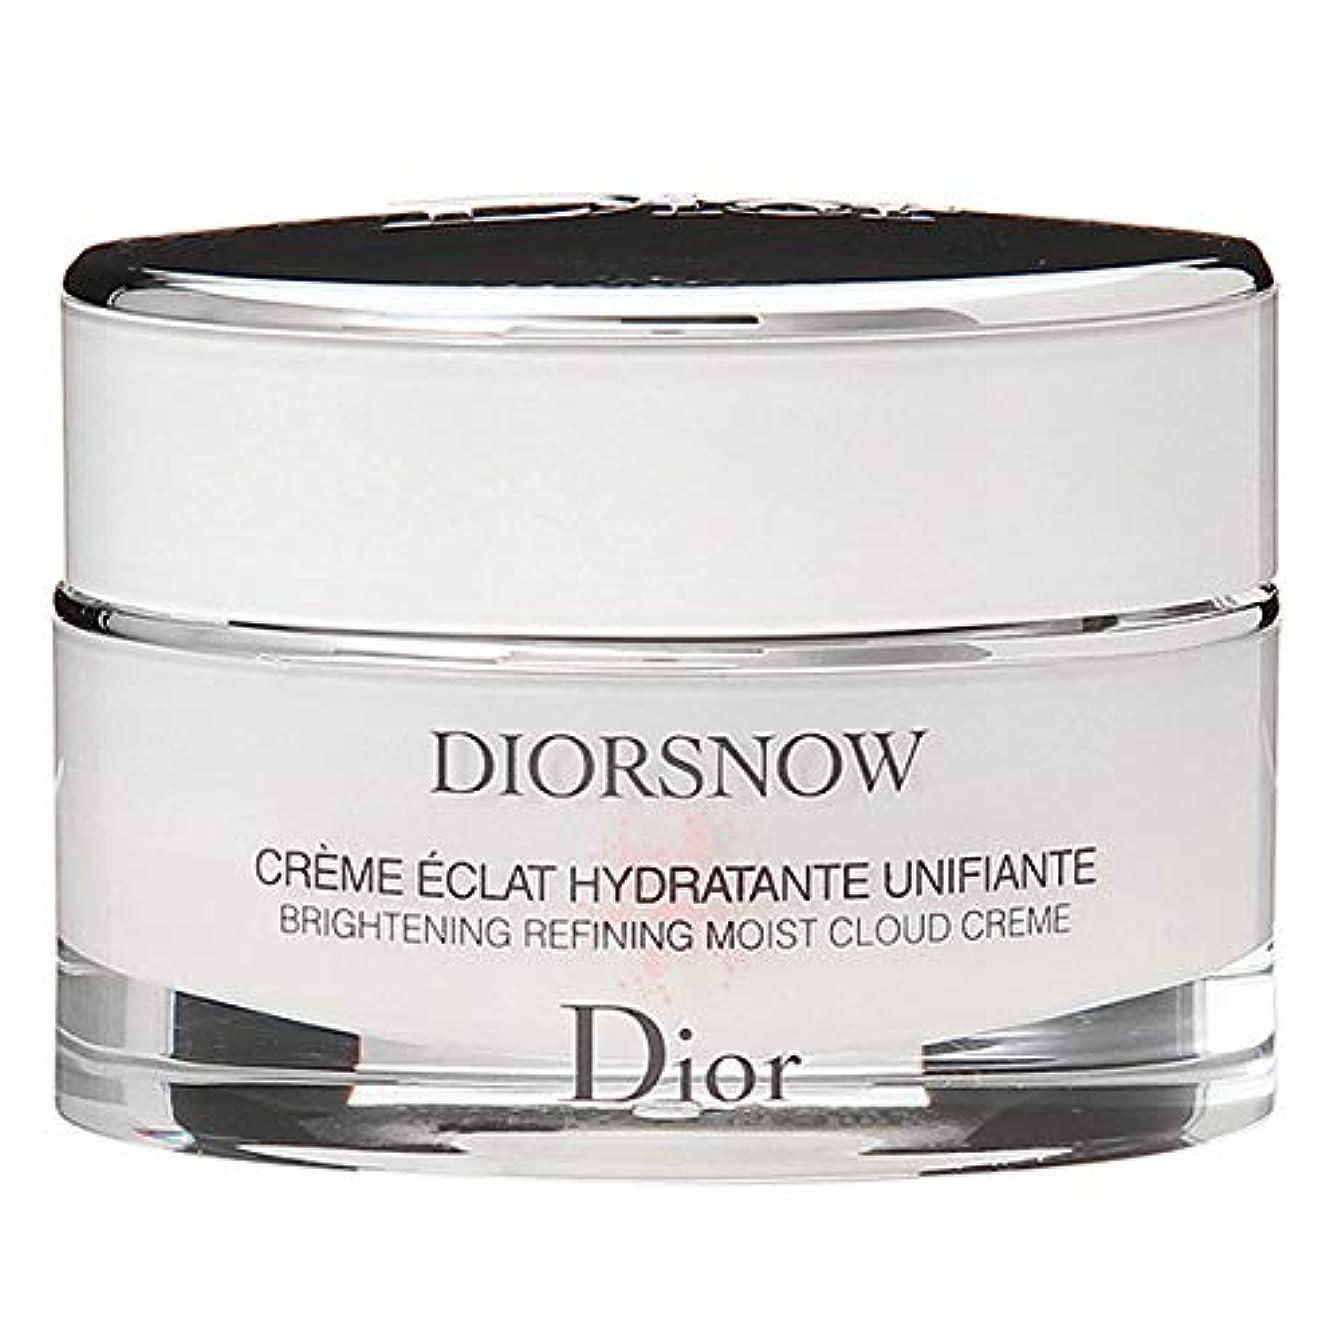 砲兵円形屋内でクリスチャンディオール Christian Dior ディオール スノー ブライトニング モイスト クリーム 50mL 【並行輸入品】